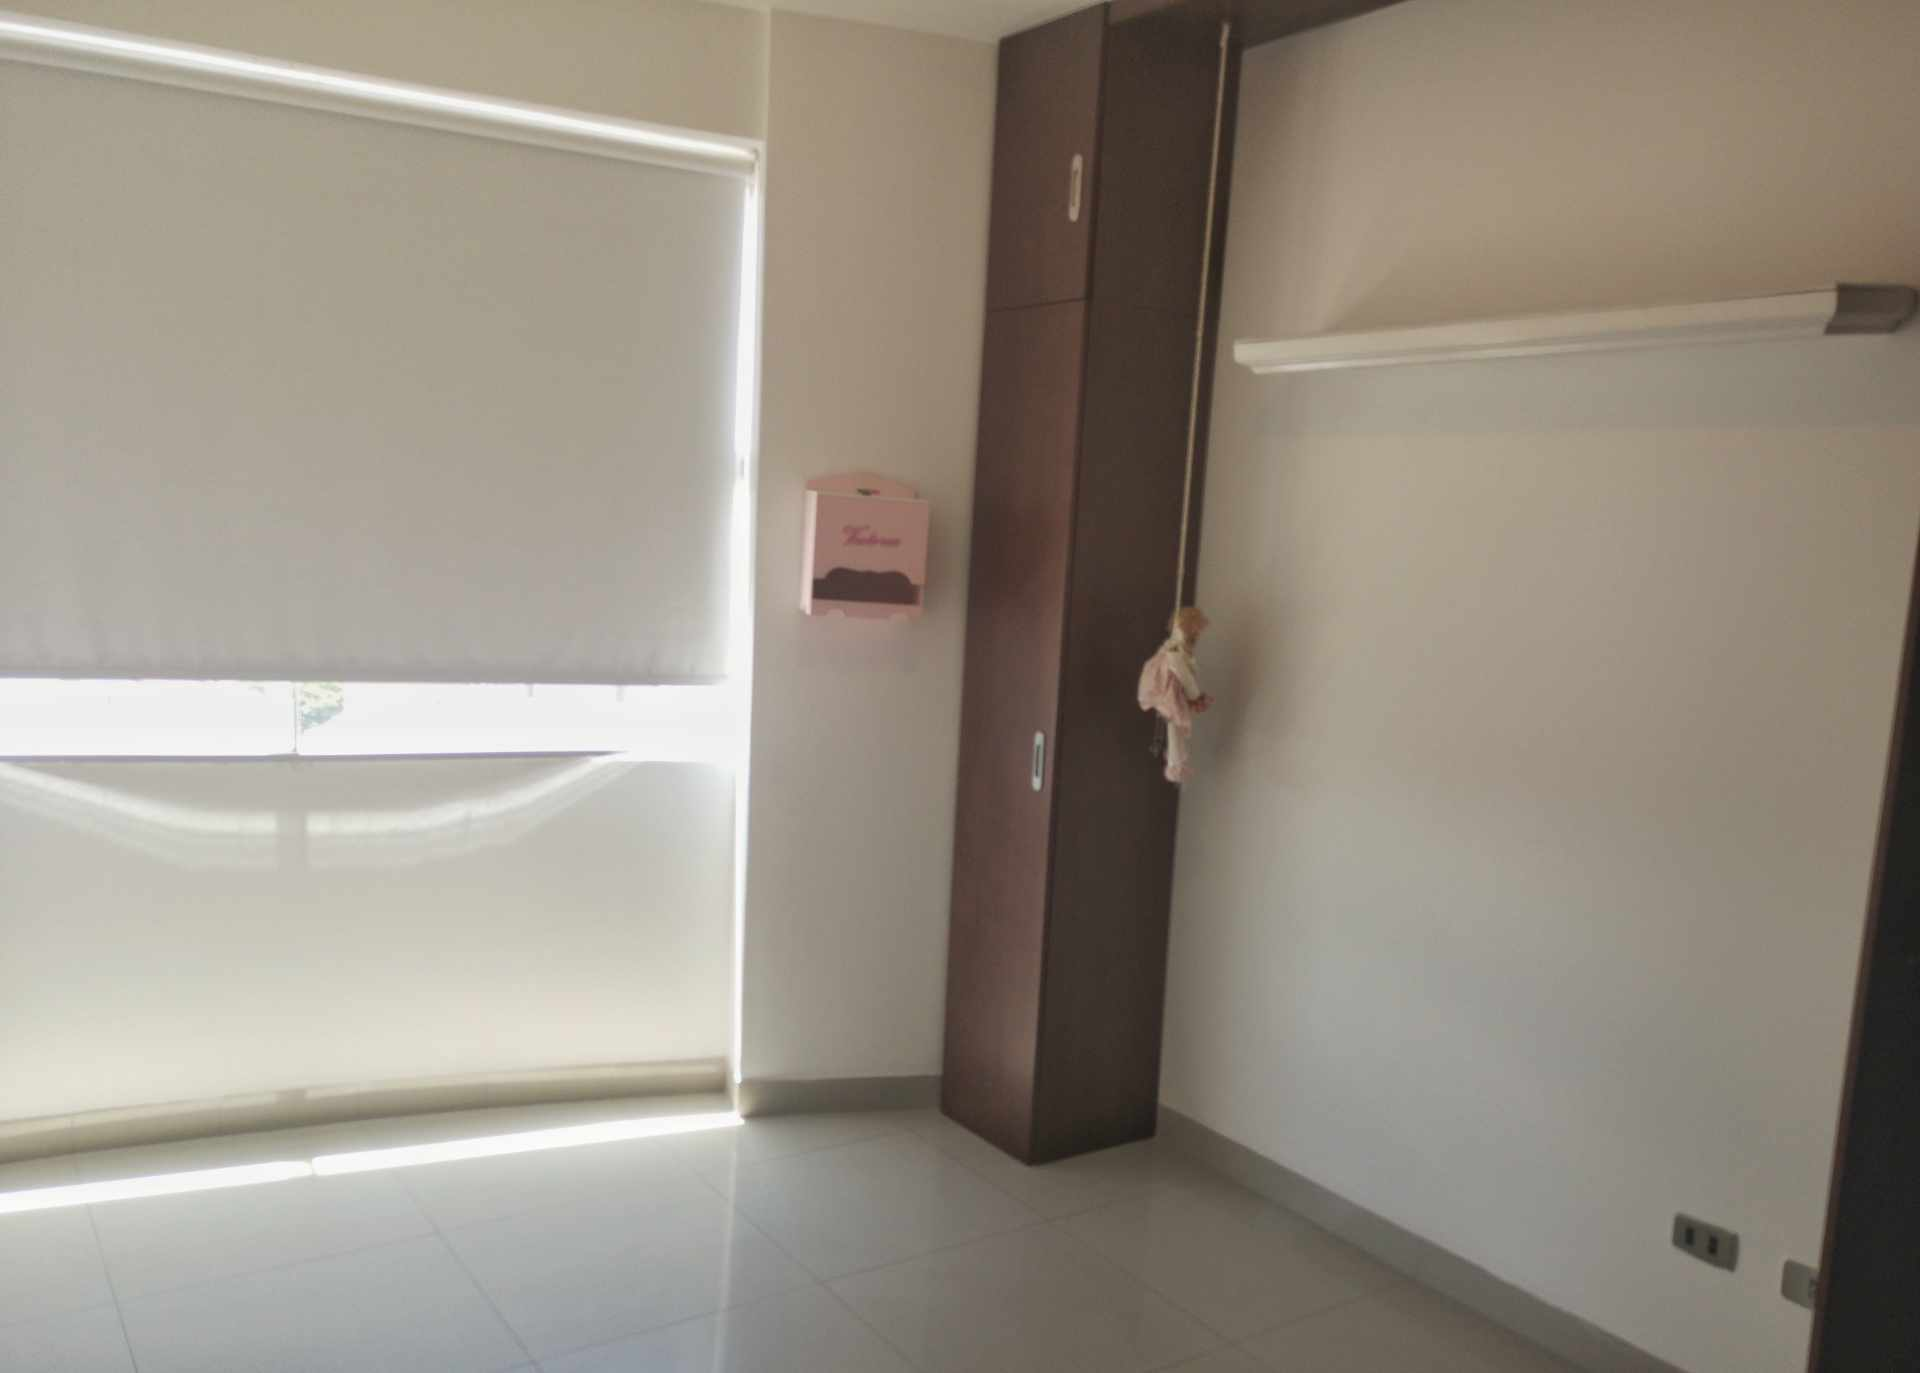 Departamento en Alquiler EDIF. ANTAIRE - C/ GUALBERTO VILLARROEL Foto 8